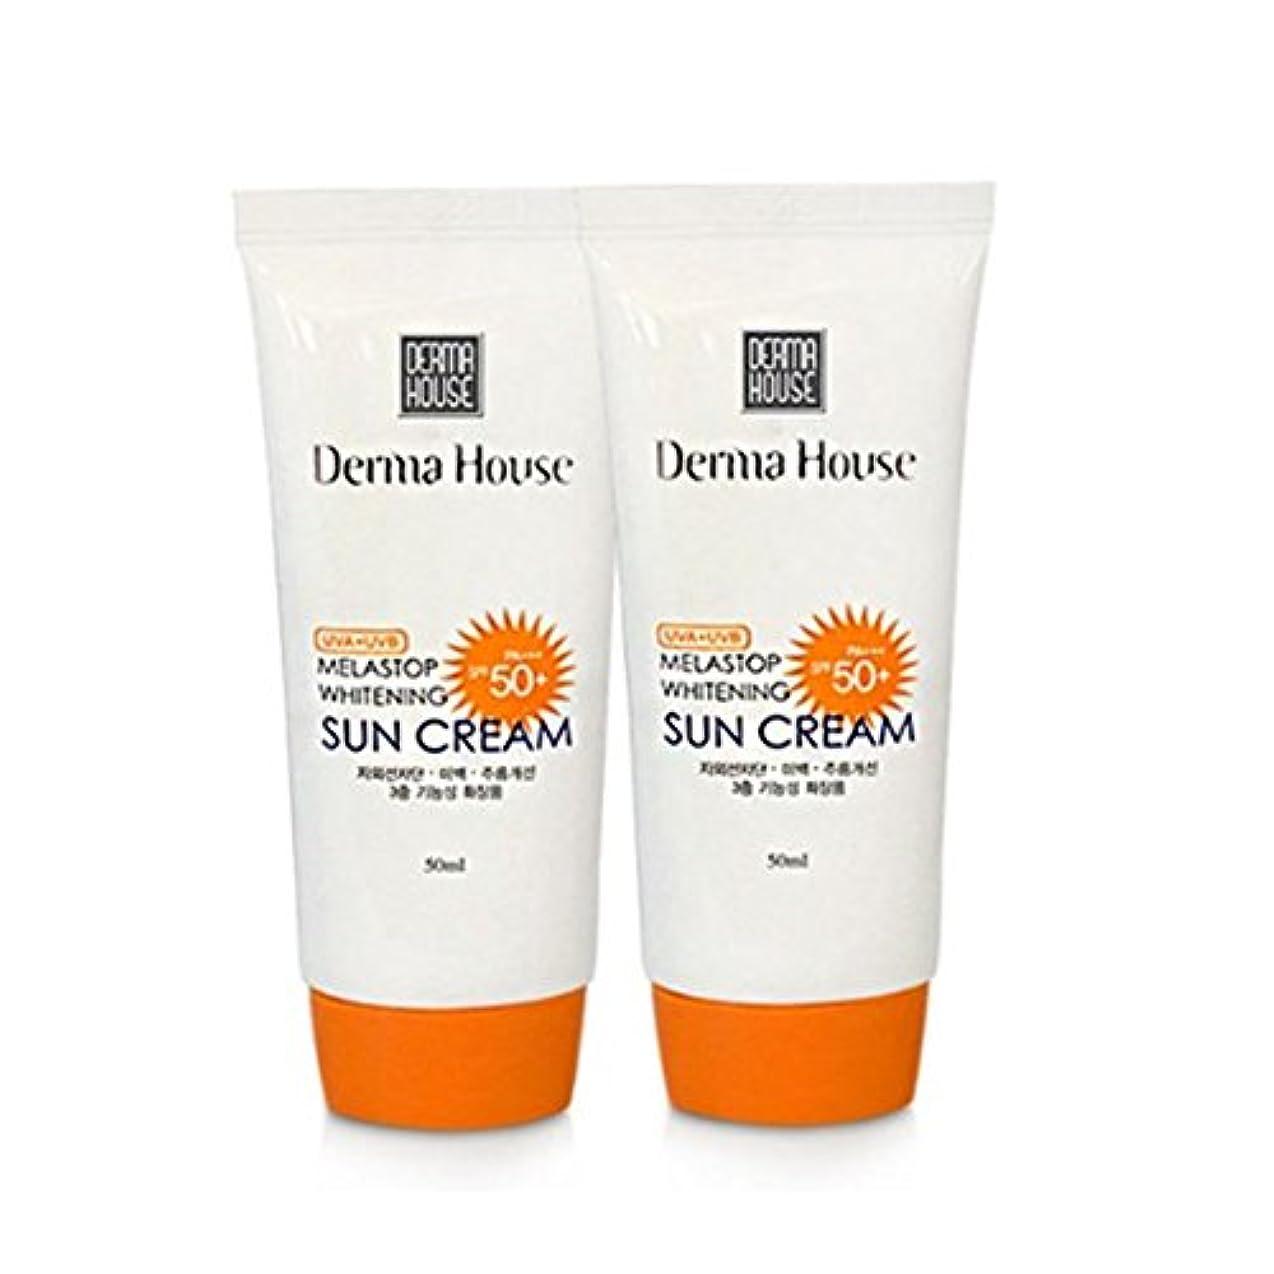 力学流行している衛星ドマハウス(Derma House) メルラストップホワイトニングサンクリームSPF50+PA+++50ml x 2本セットDerma House Melastop Whitening Sun Cream SPF50+PA...